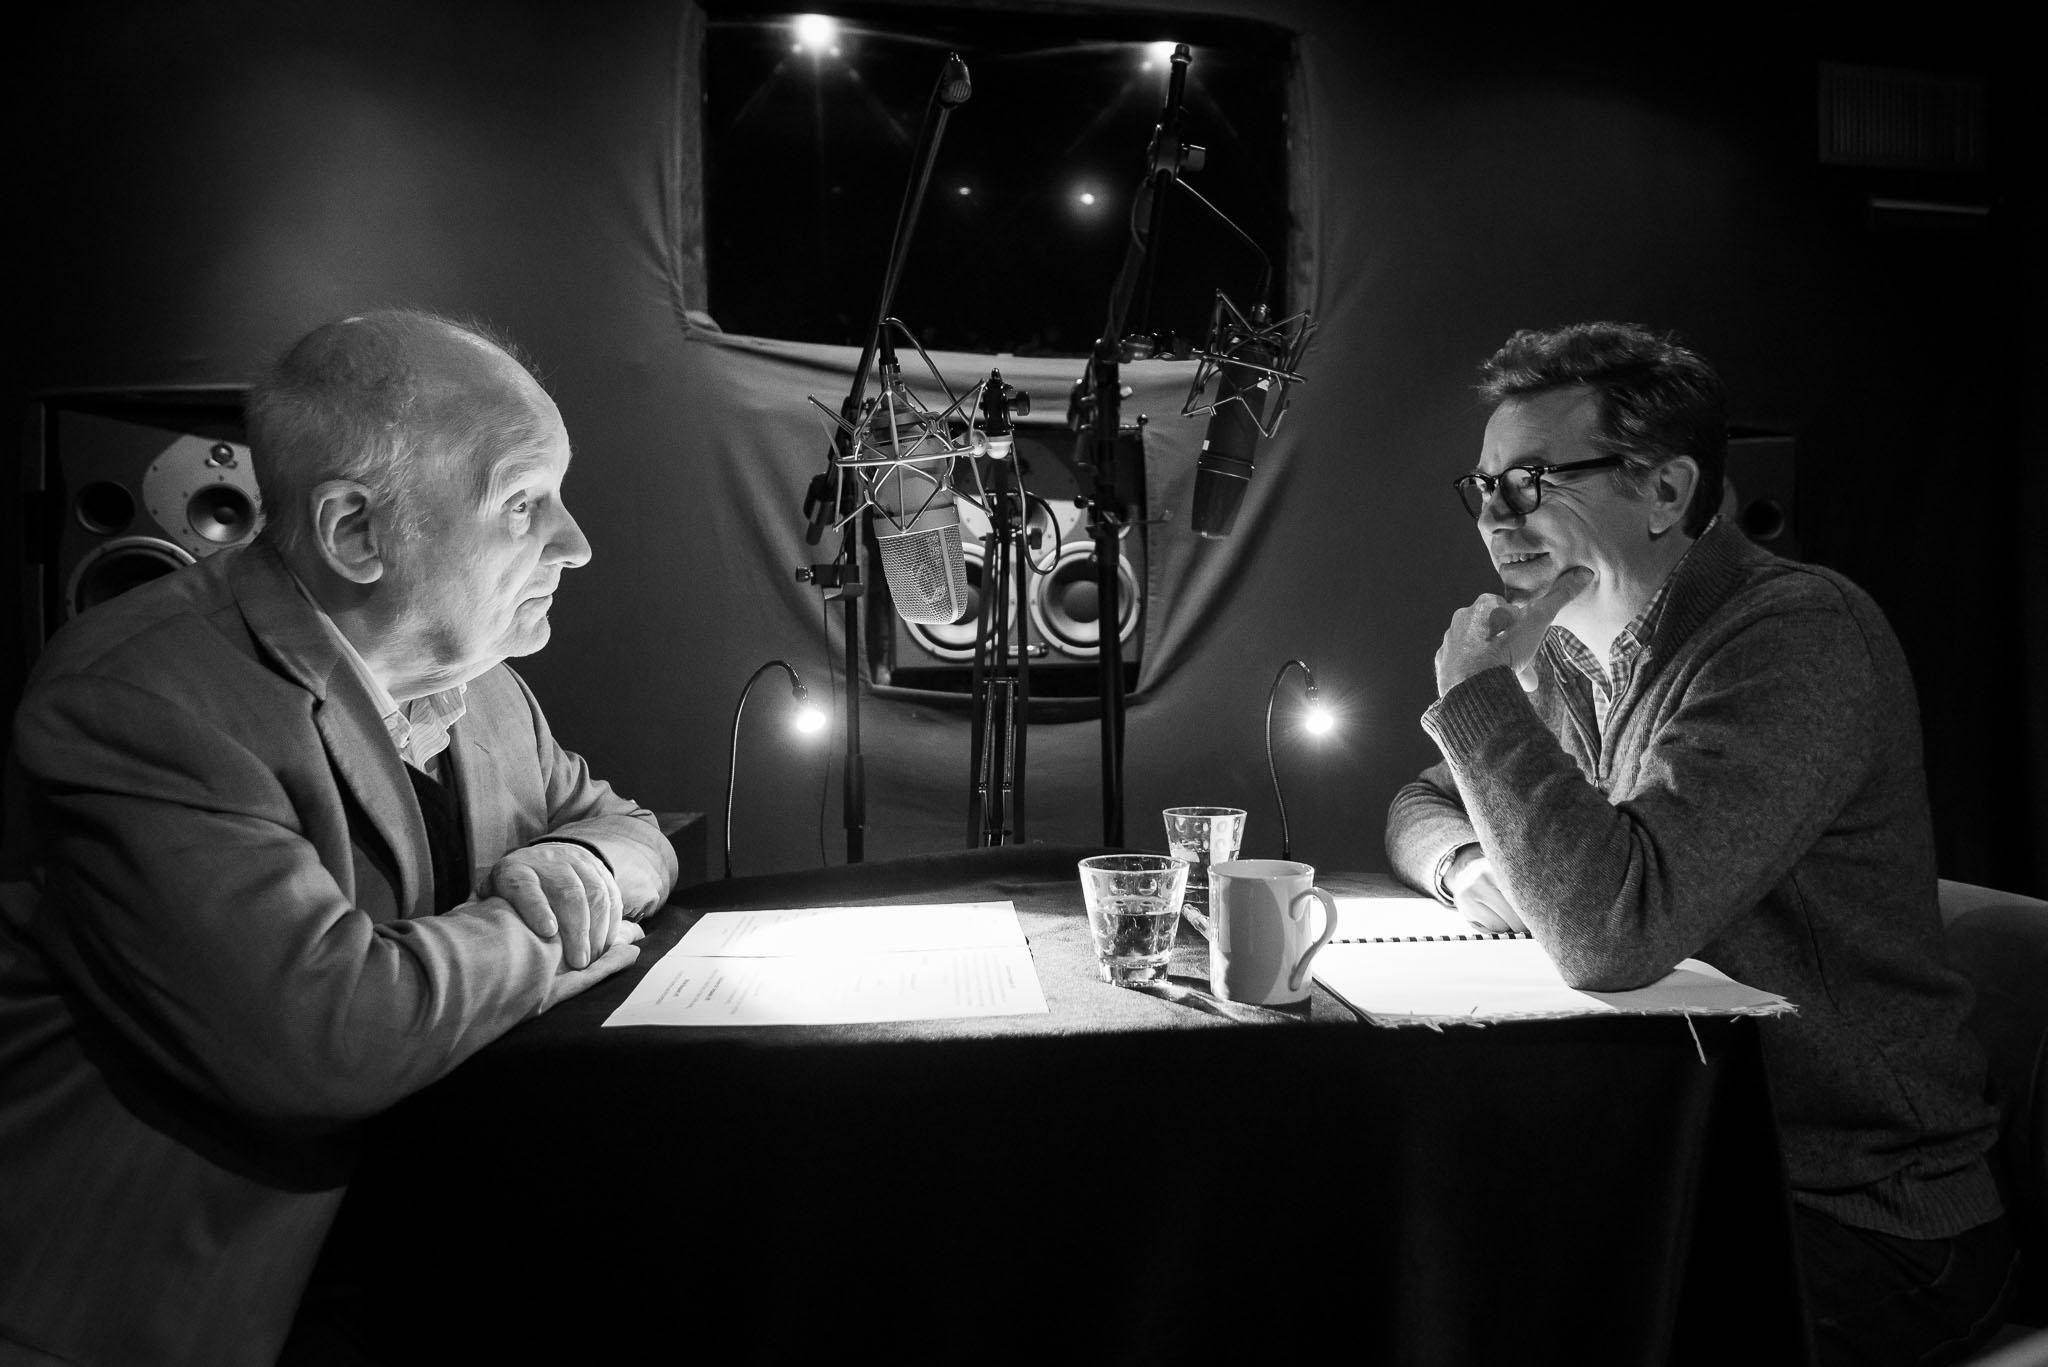 Michel Bouquet et Guillaume de Tonquédec enregistrent les voix du film.